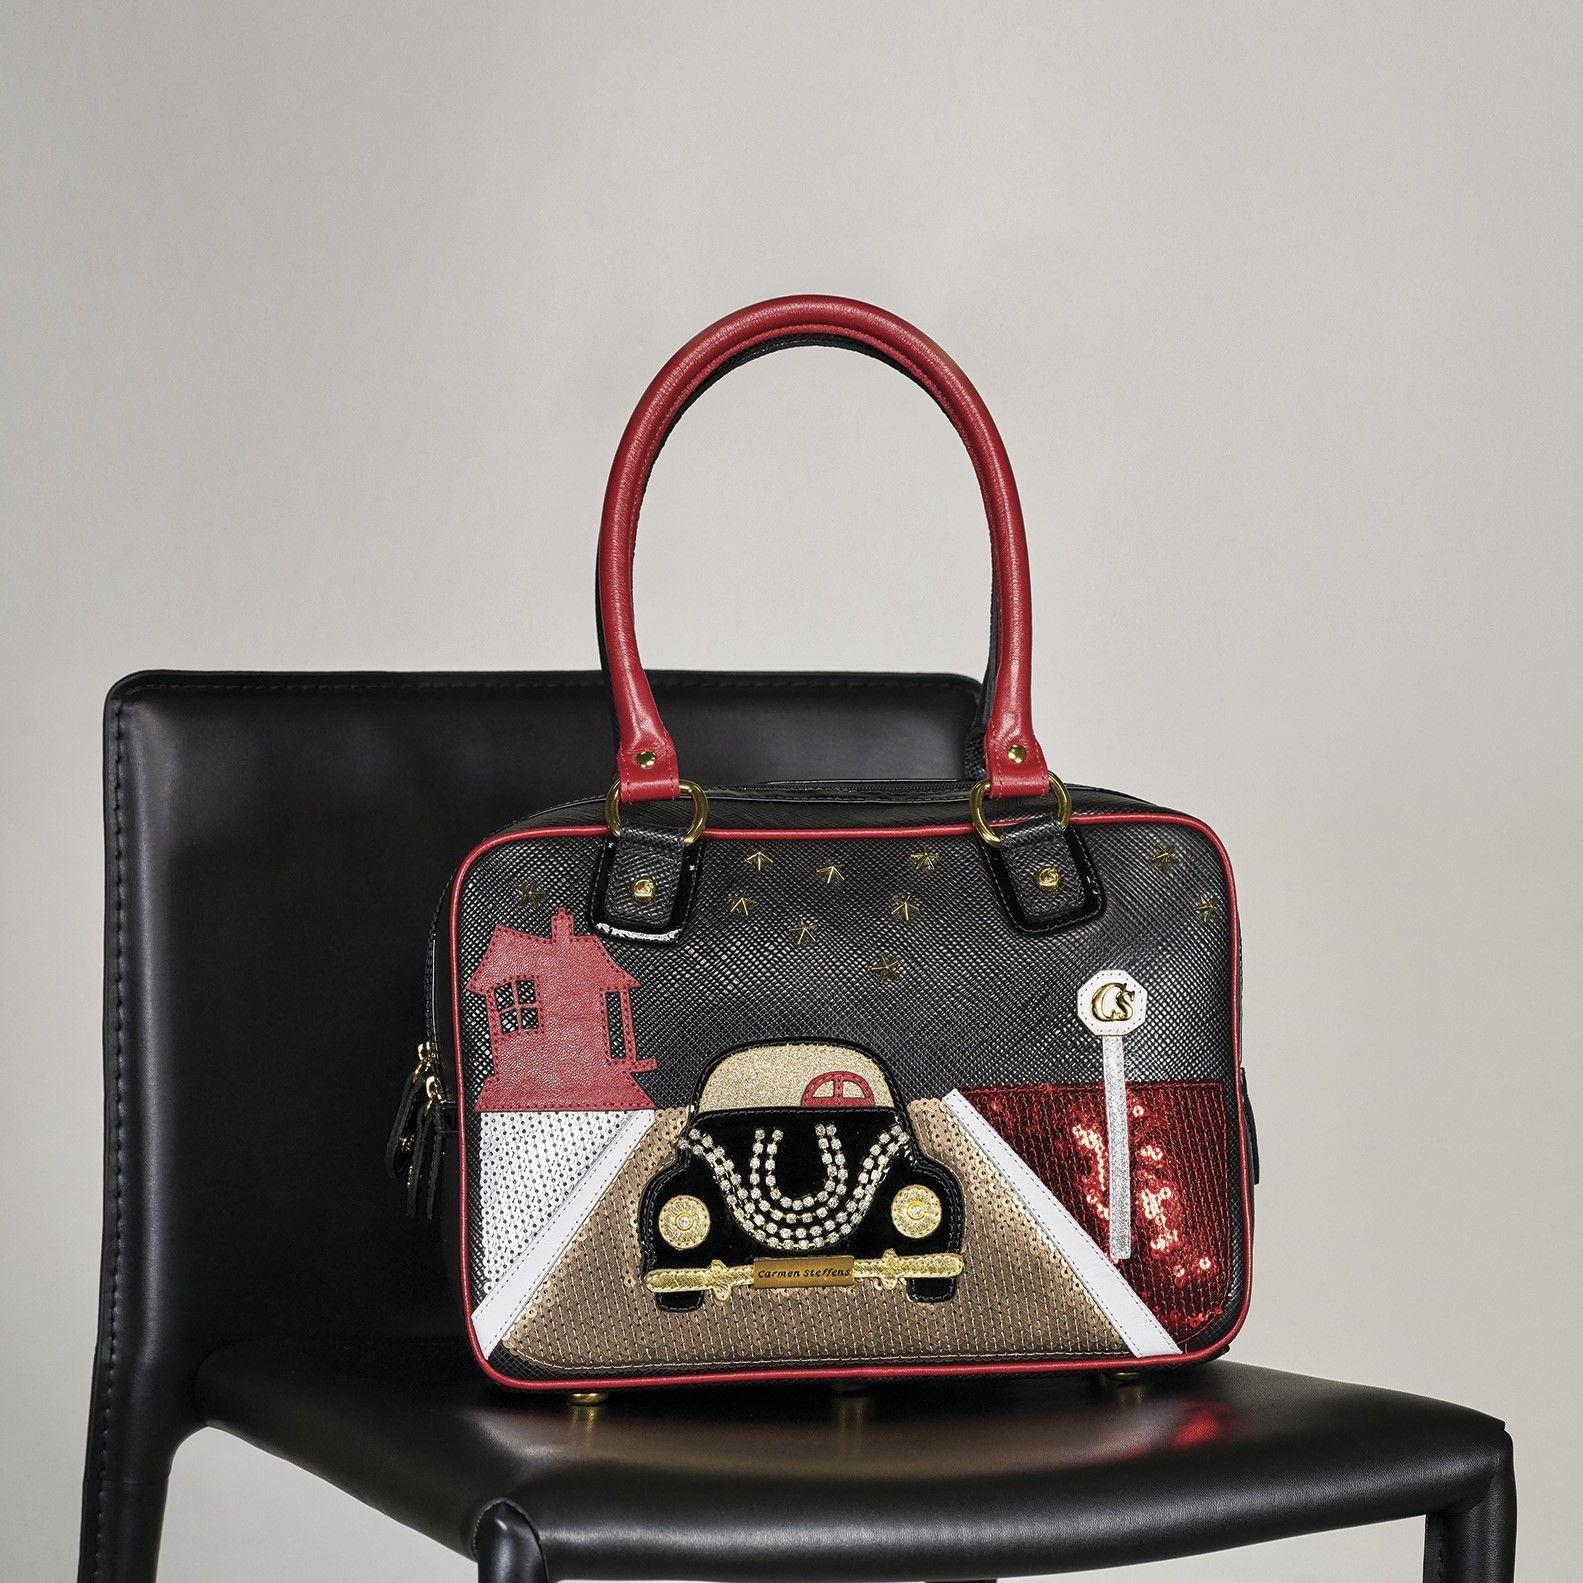 00db5fc32a Celebre os 25 anos da Carmen Steffens com esta bolsa especial ...